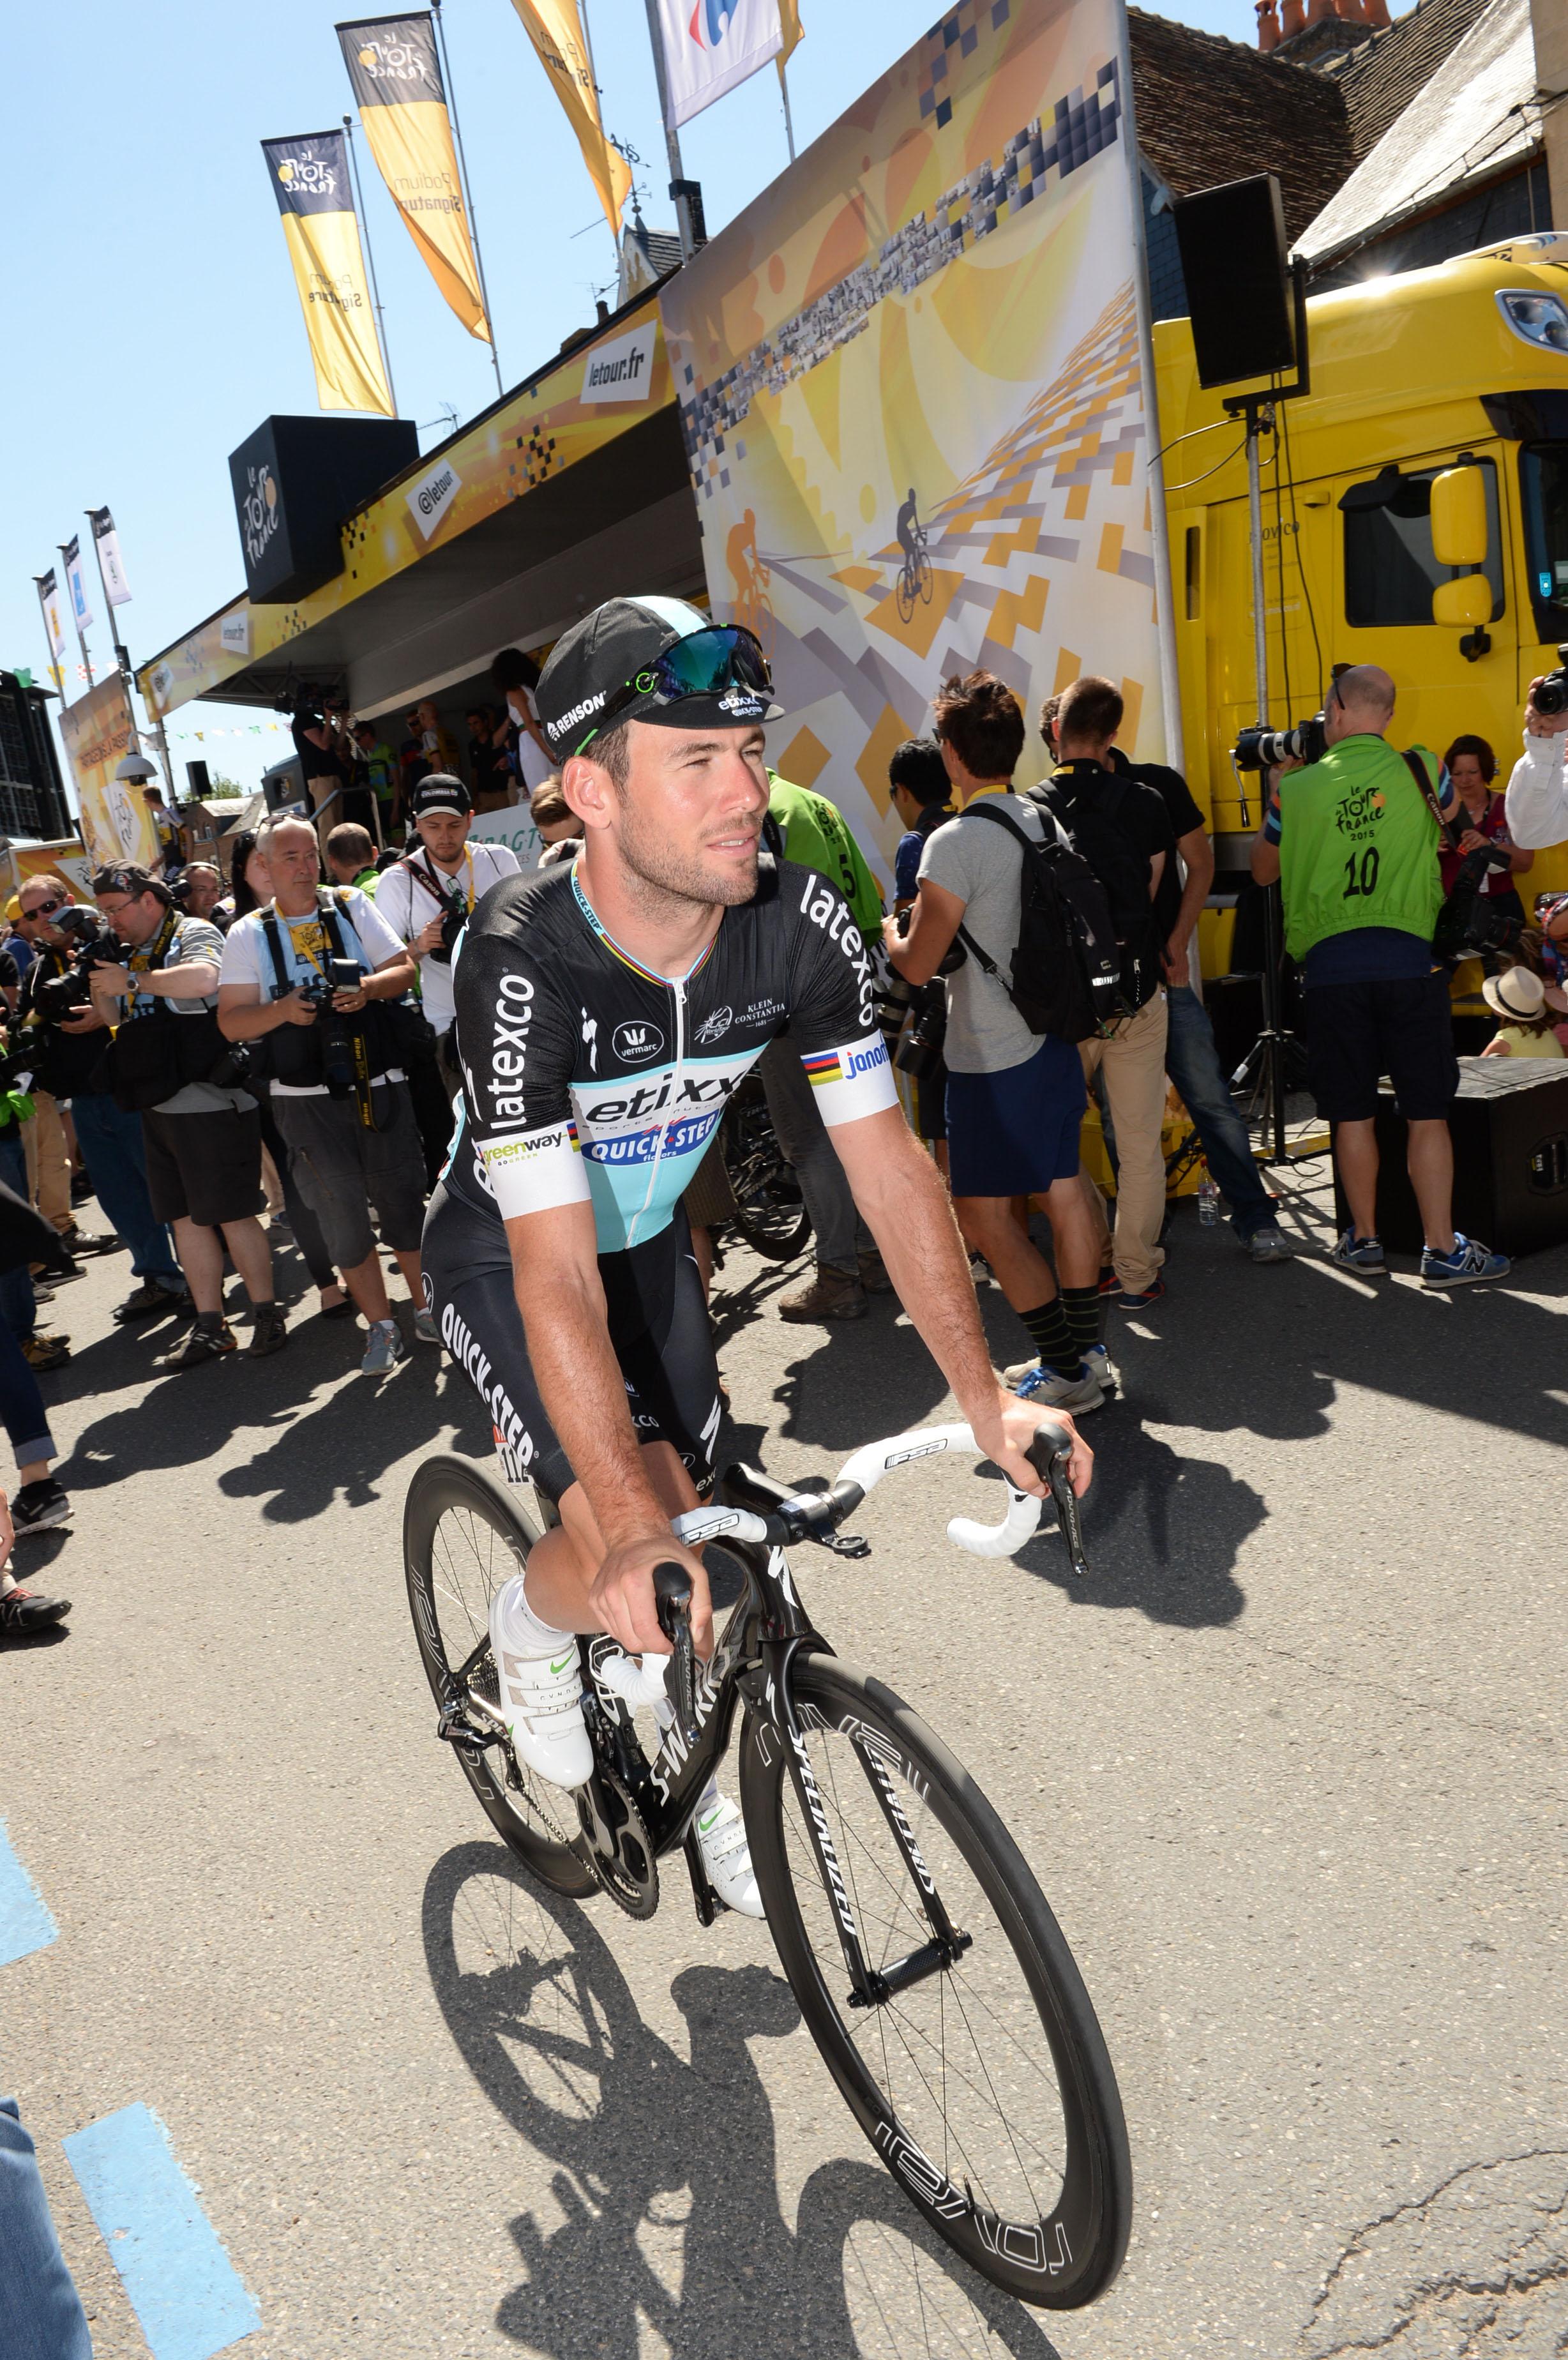 Tour de France 2015 - 7. Etappe - Mark Cavendish gewinnt vor Greipel, Sagan und Degenkolb.